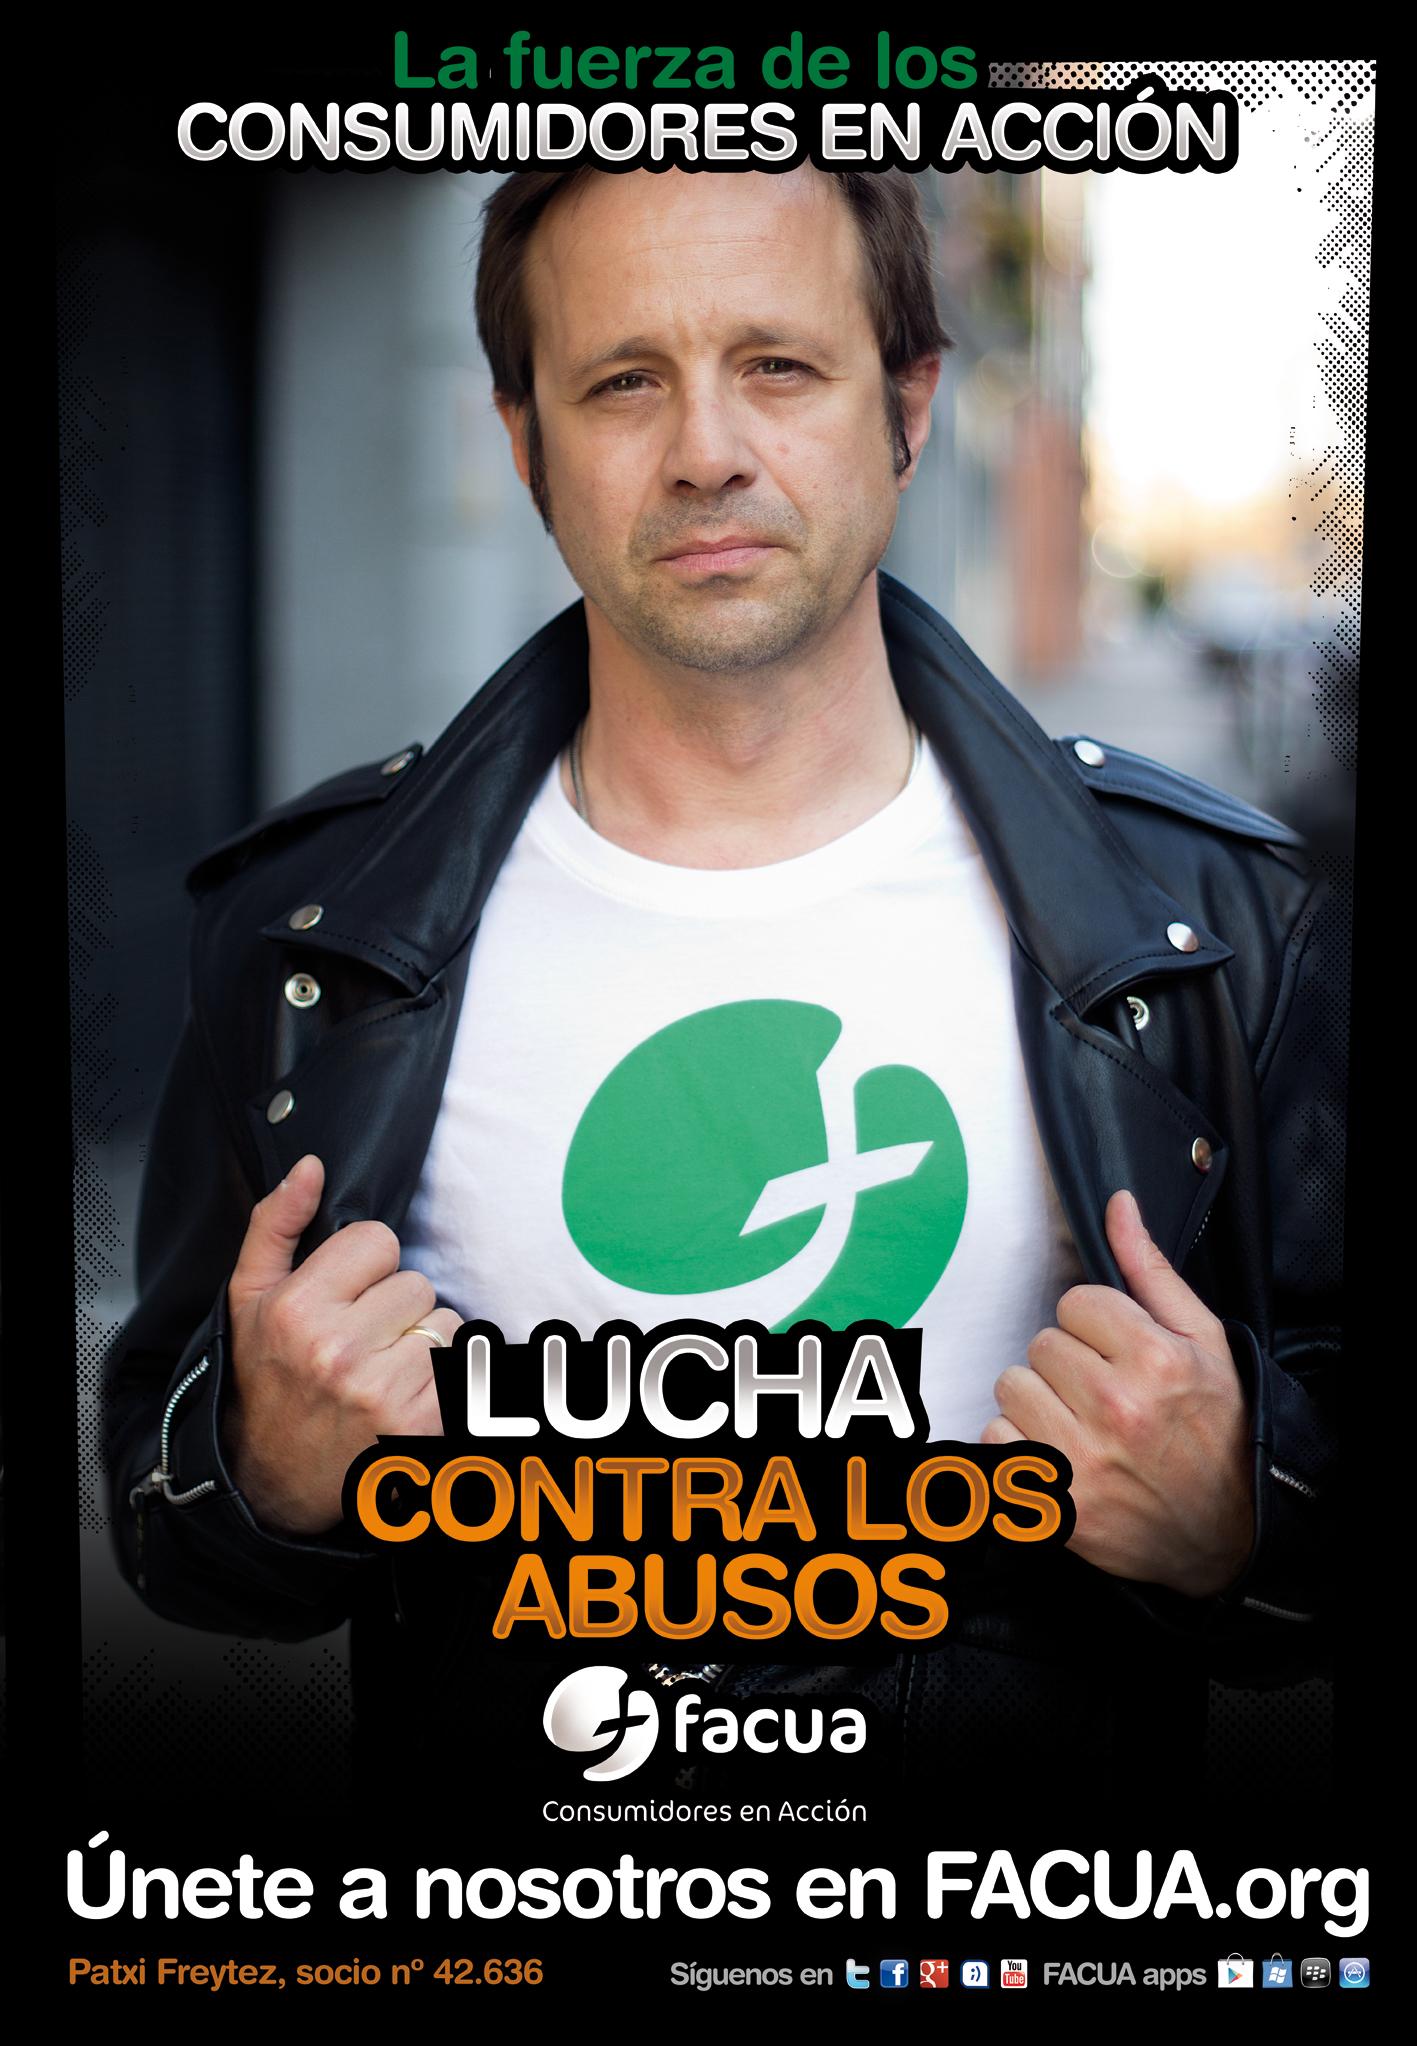 �Sabes que Patxi Freytez es socio de FACUA? Es uno de los #consumidoresenacci�n